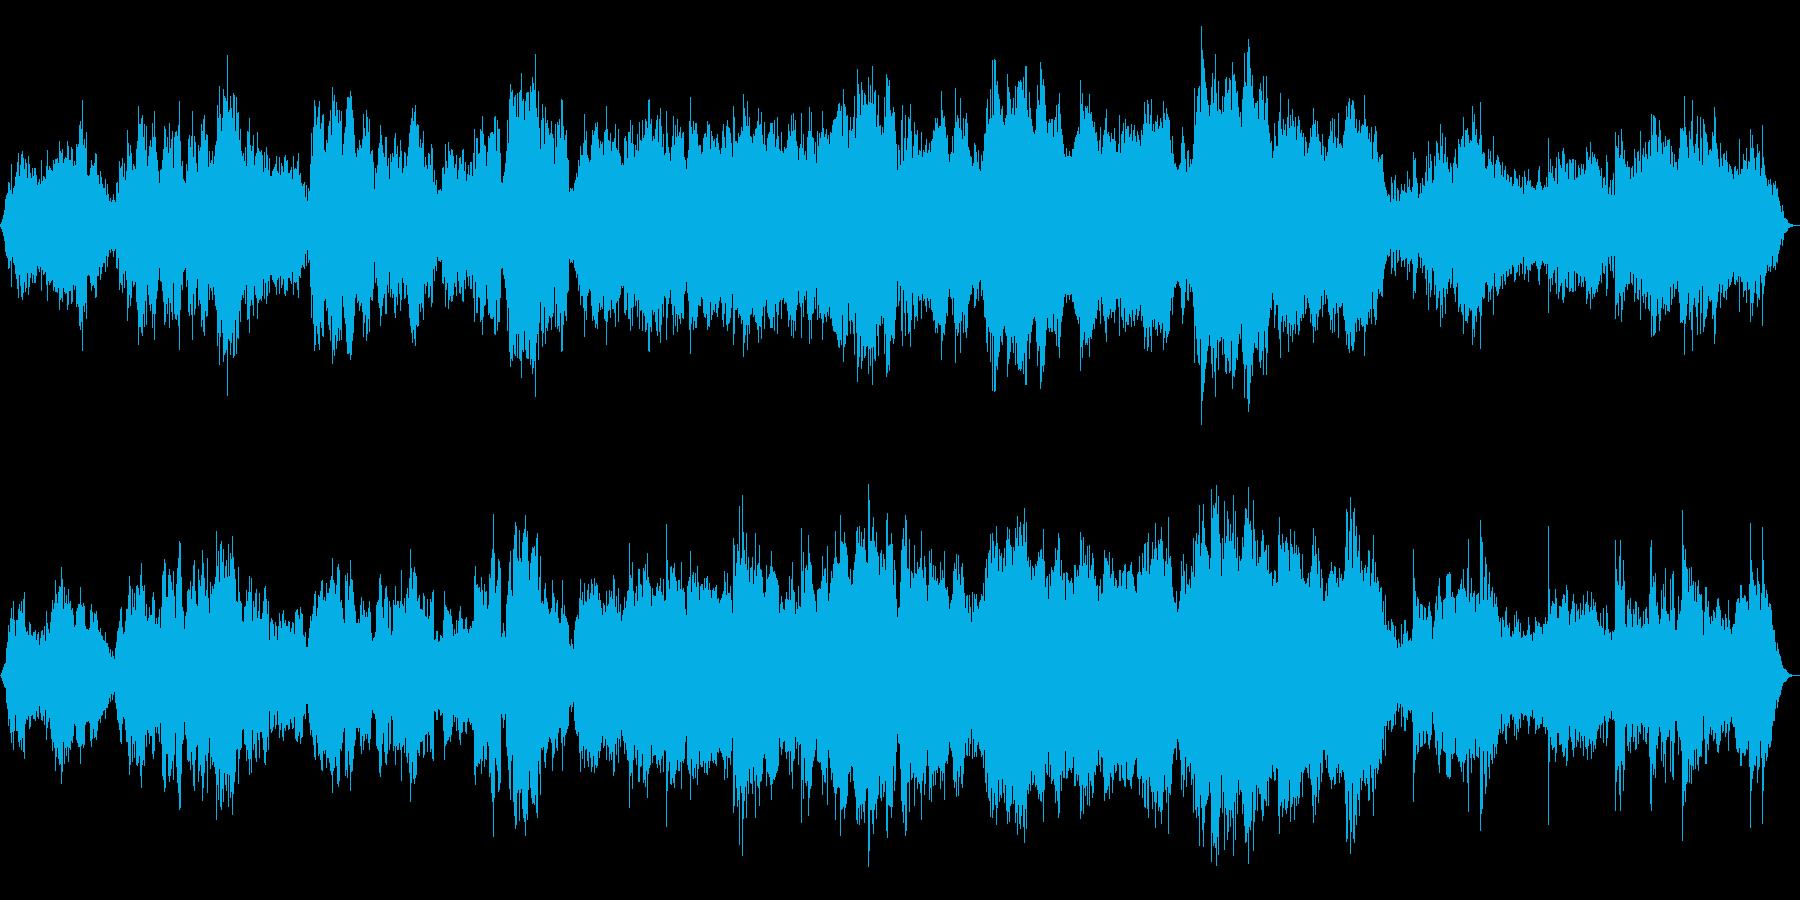 瞑想・ヨガ・神秘的 癒しのソルフェジオの再生済みの波形